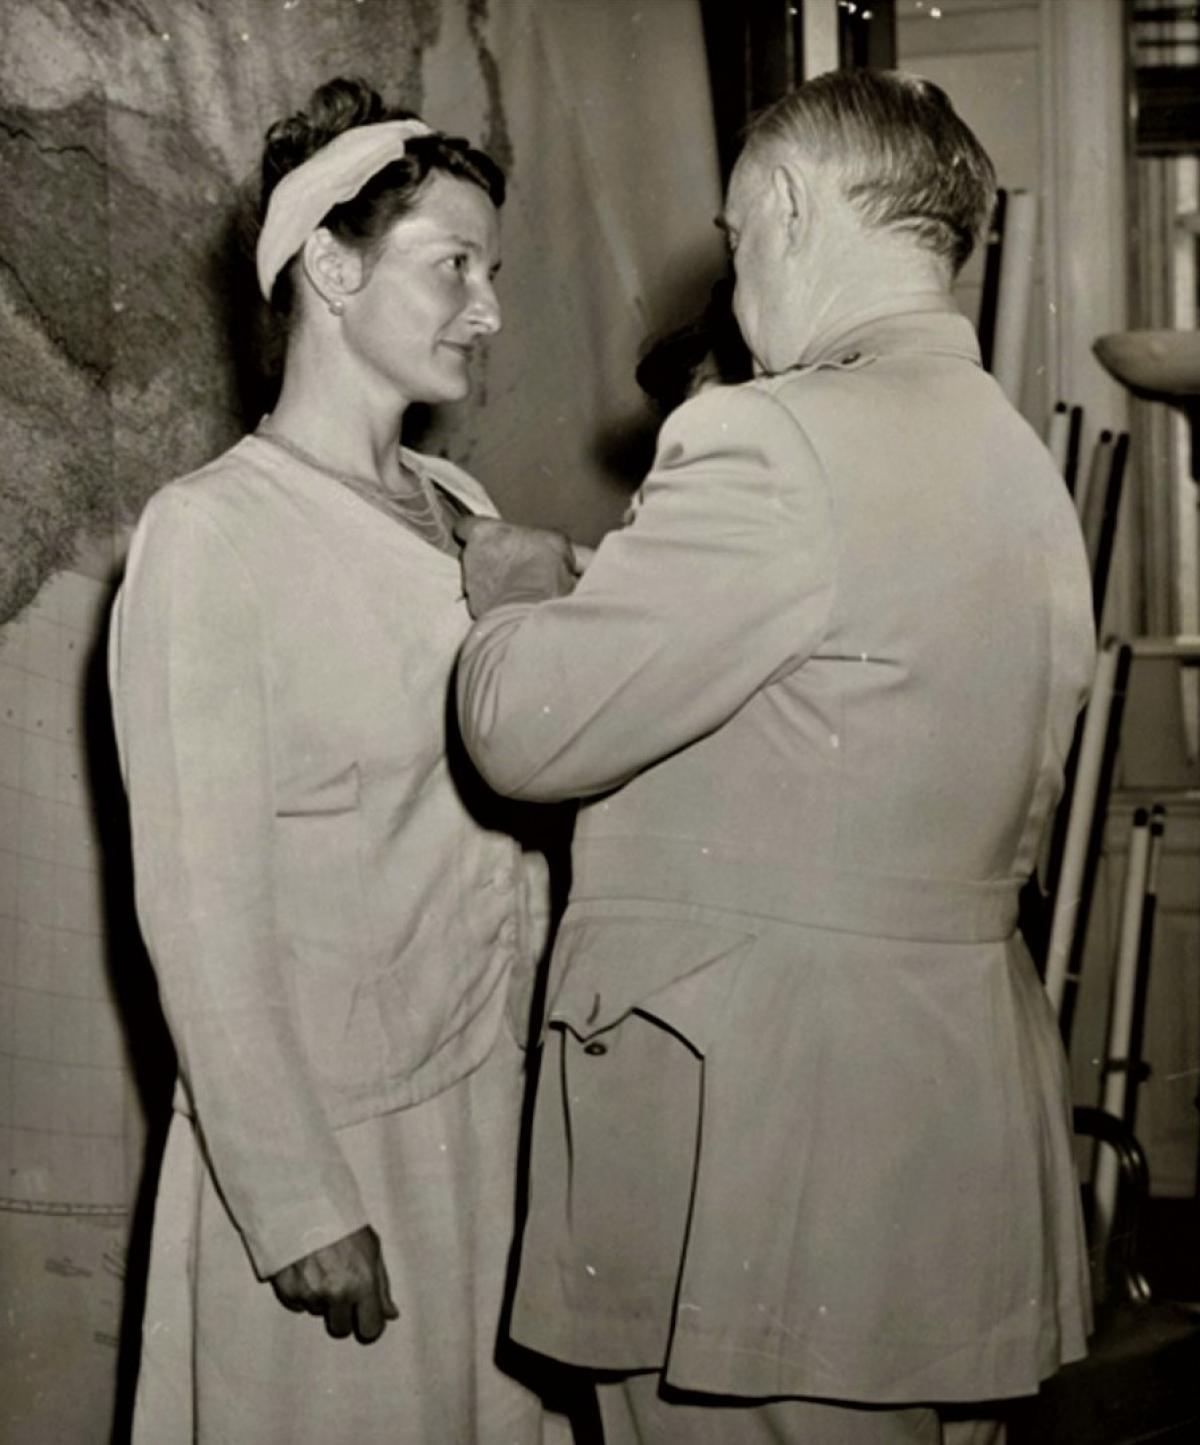 Virginia Hall - điệp viên nguy hiểm nhất của Đồng minh trong Thế chiến II - được người đứng đầu OSS gắn Huân chương chữ Thập; Nguồn: history.com